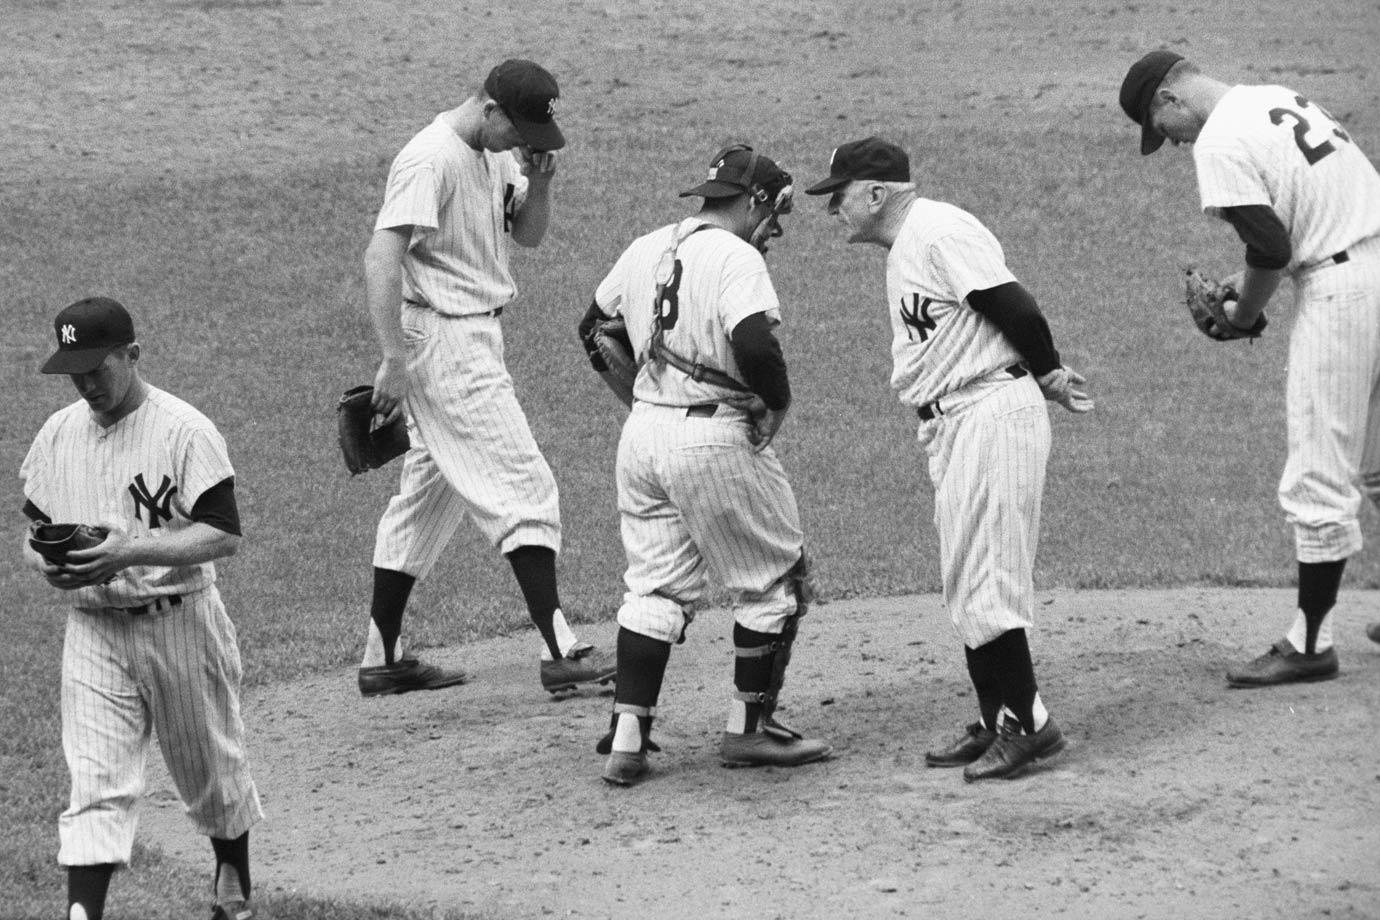 July 23, 1960